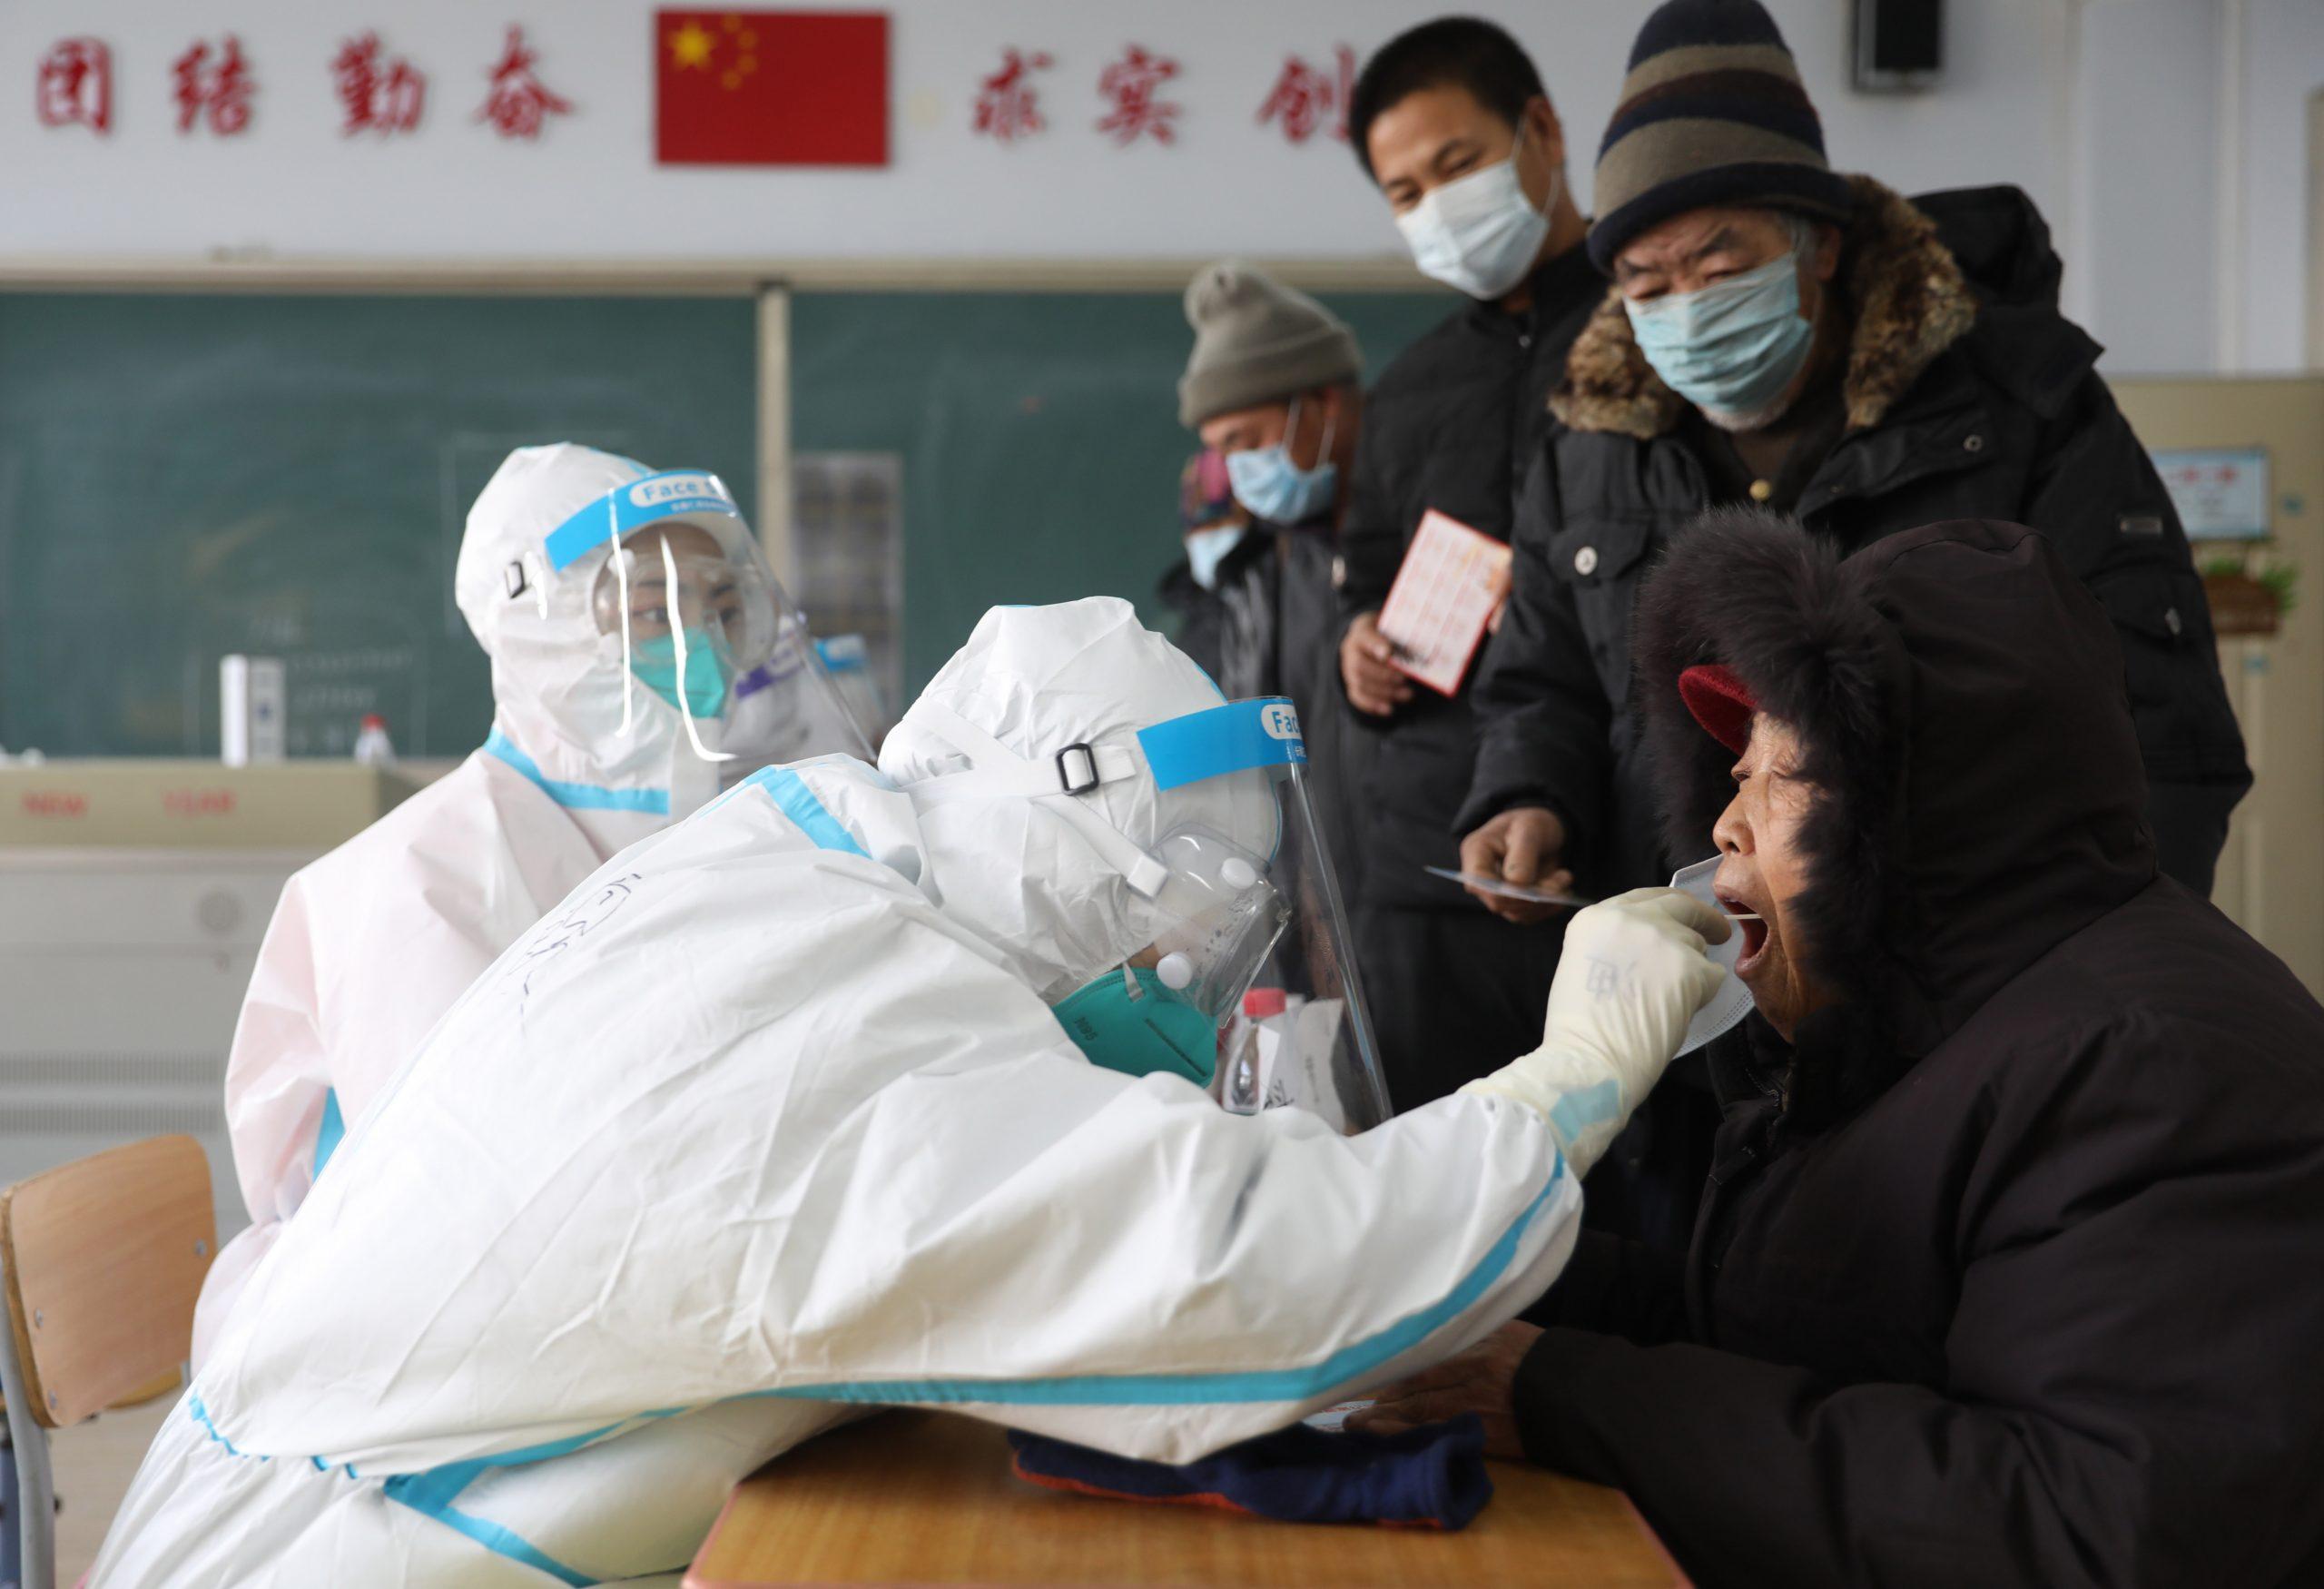 Ciudad de provincia china de Jilin reporta 49 nuevos casos asintomáticos de COVID-19